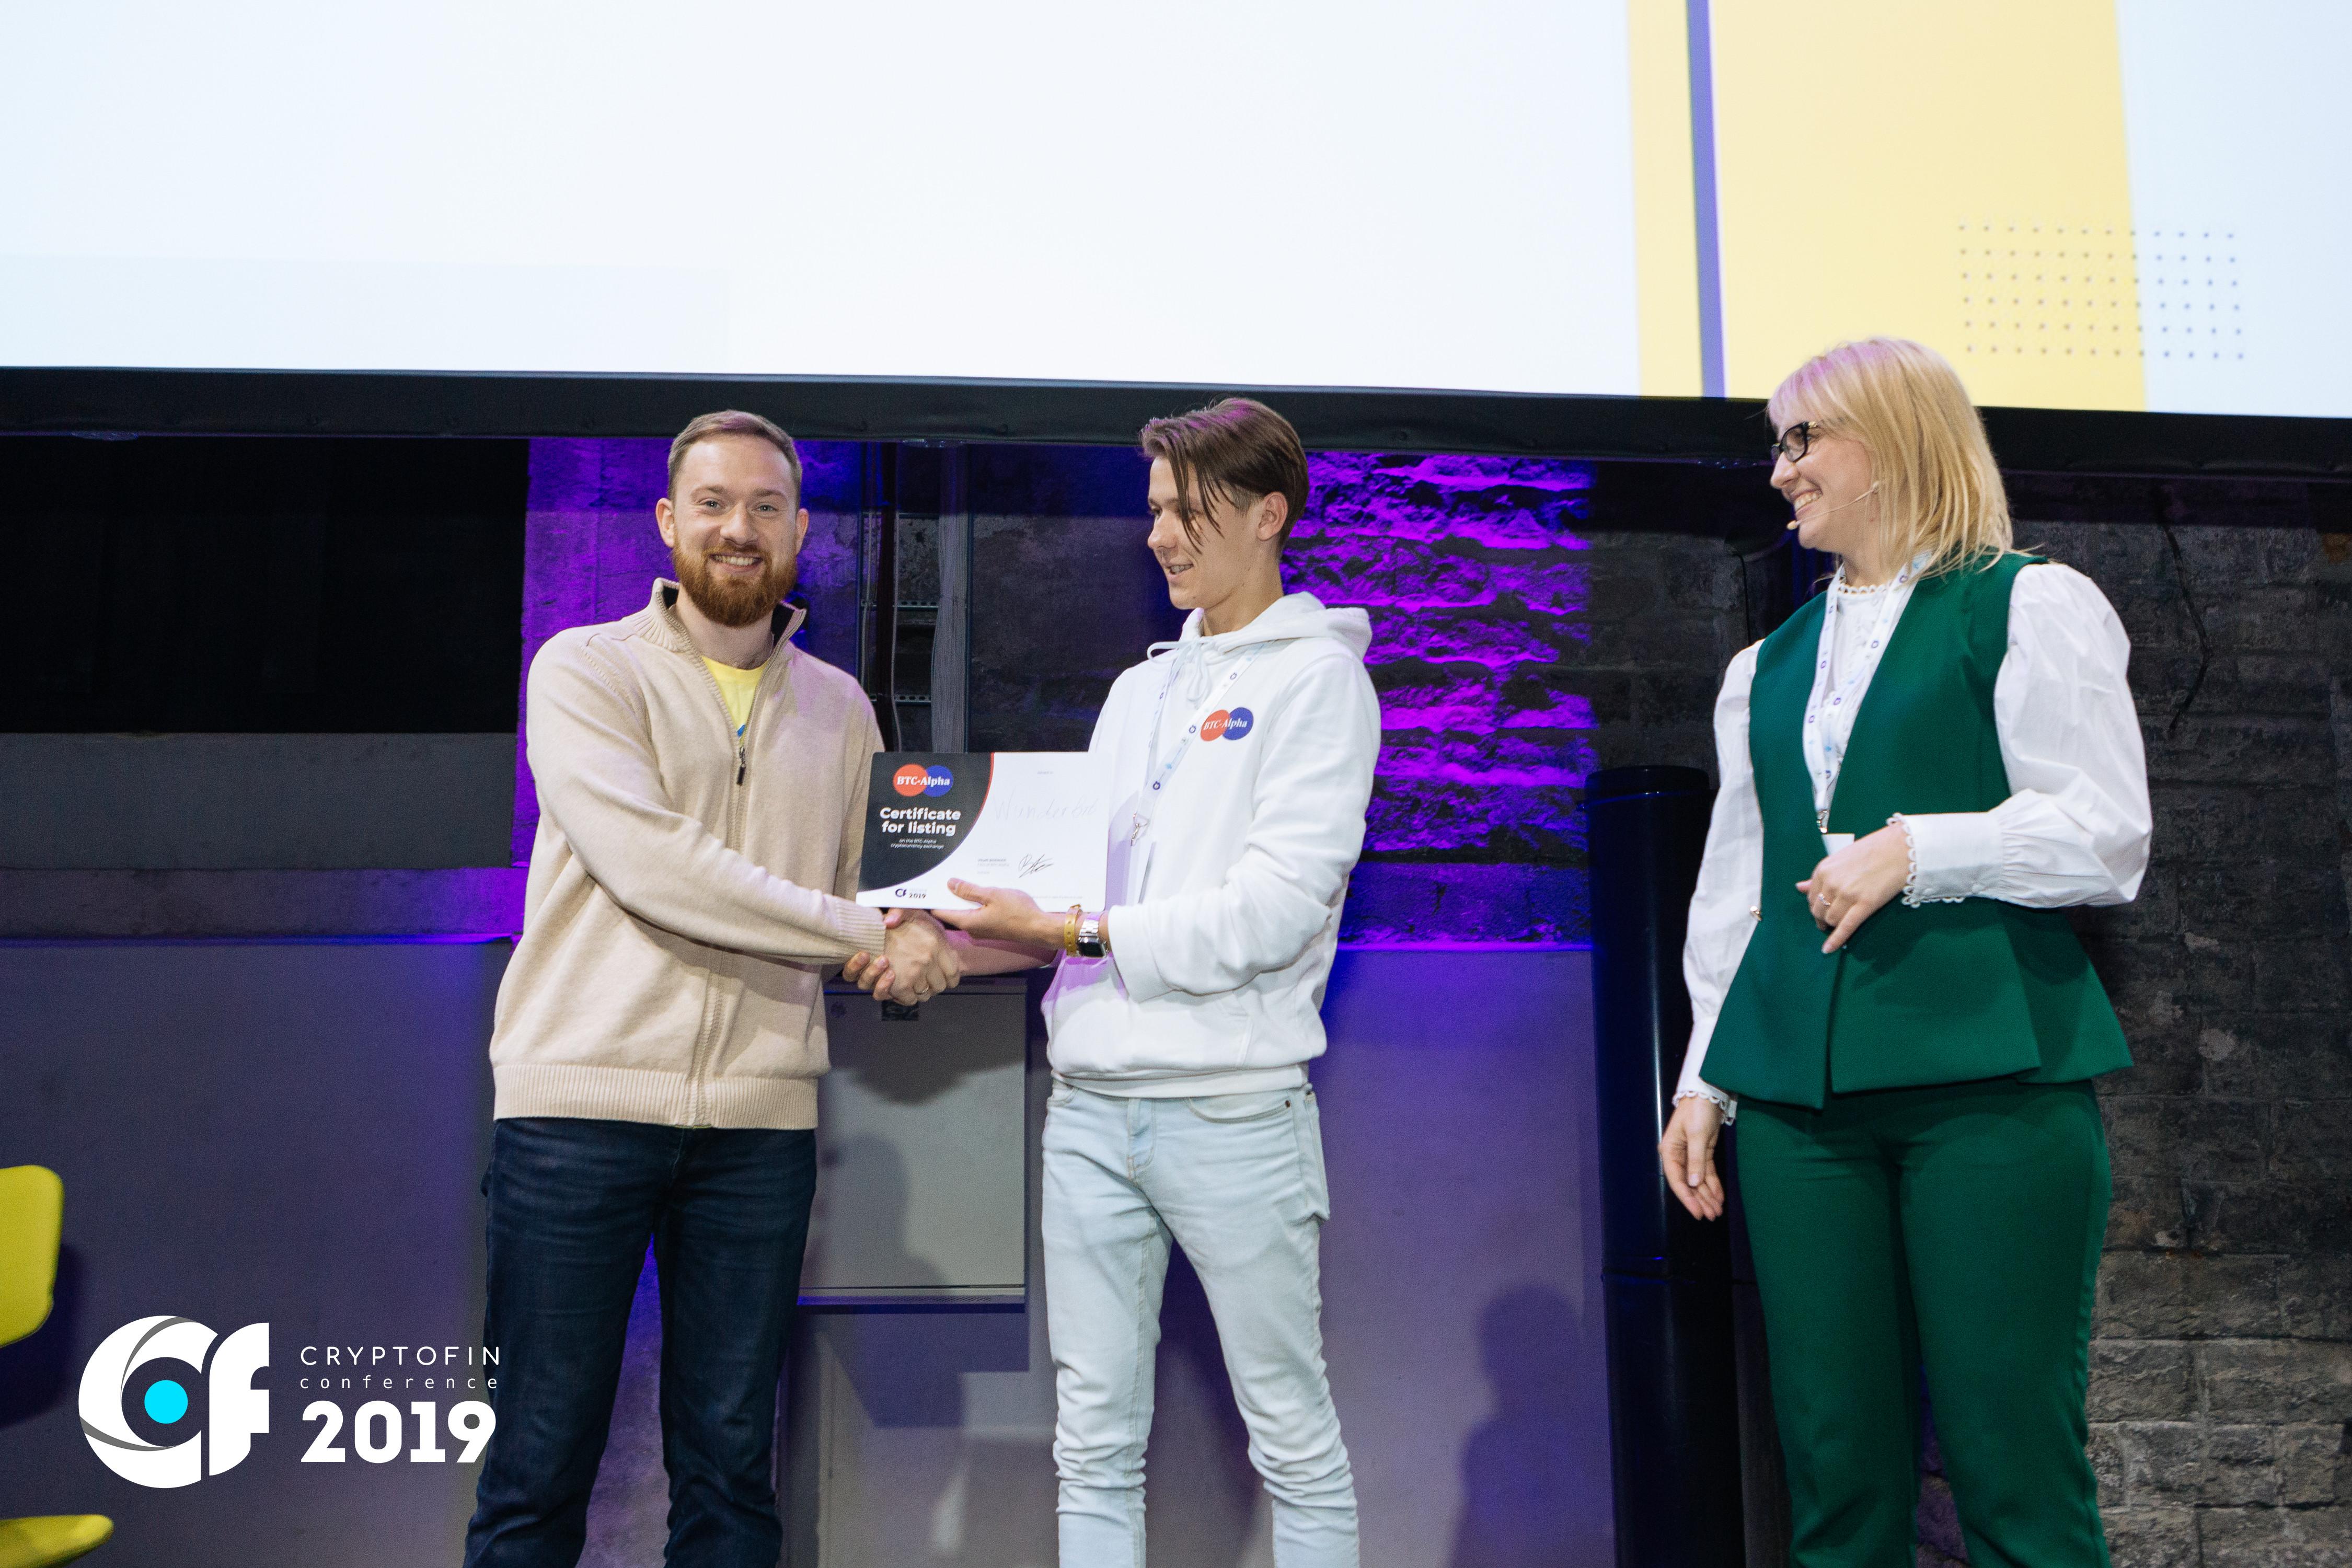 BTC-Alpha стала серебряным спонсором конференции CryptoFin в Таллинне